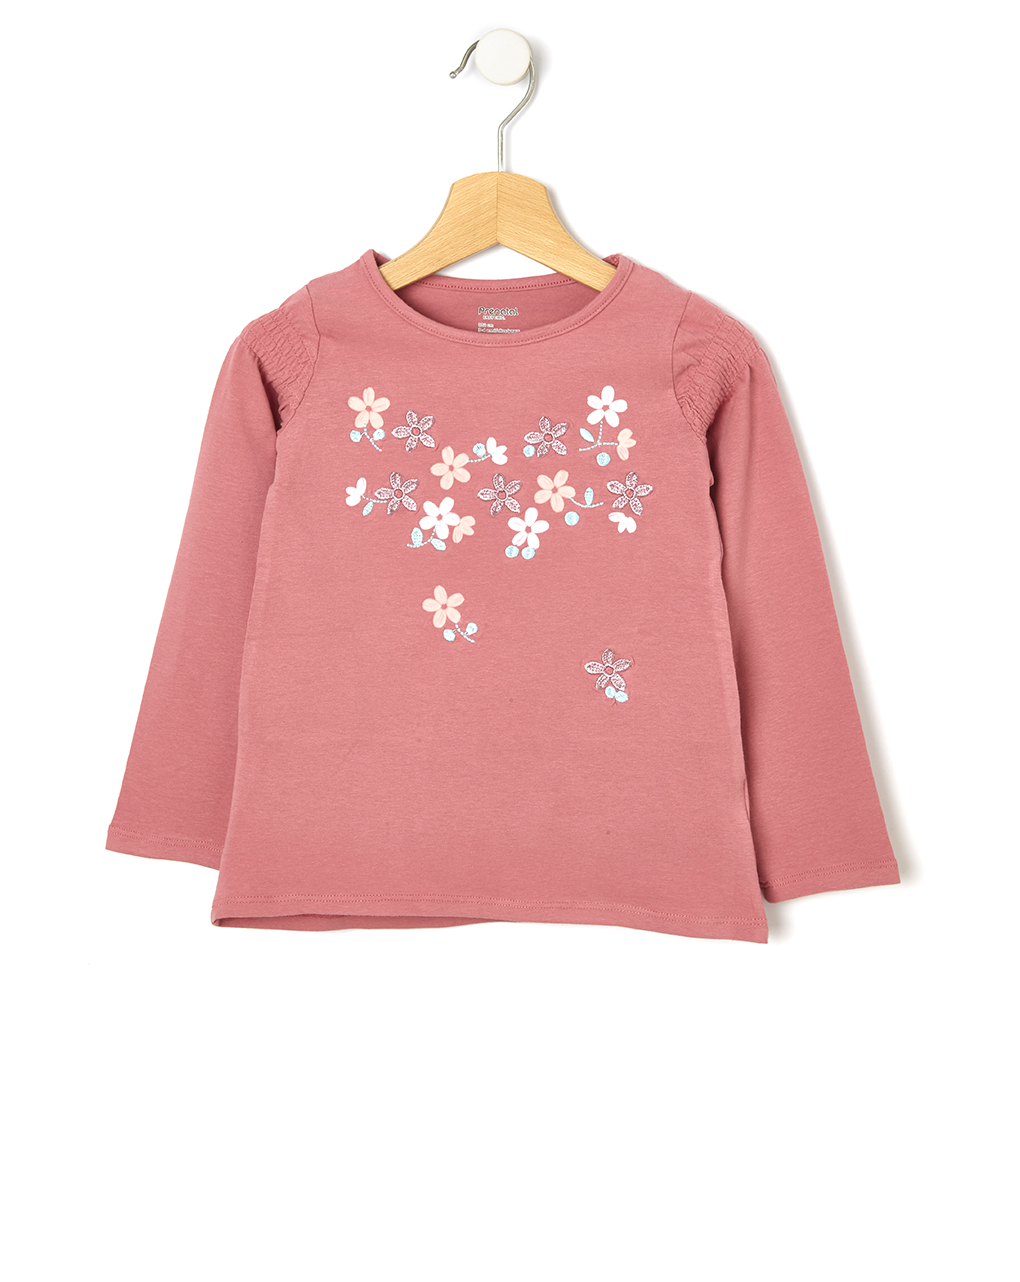 Μπλούζα με Λουλούδια για Κορίτσι